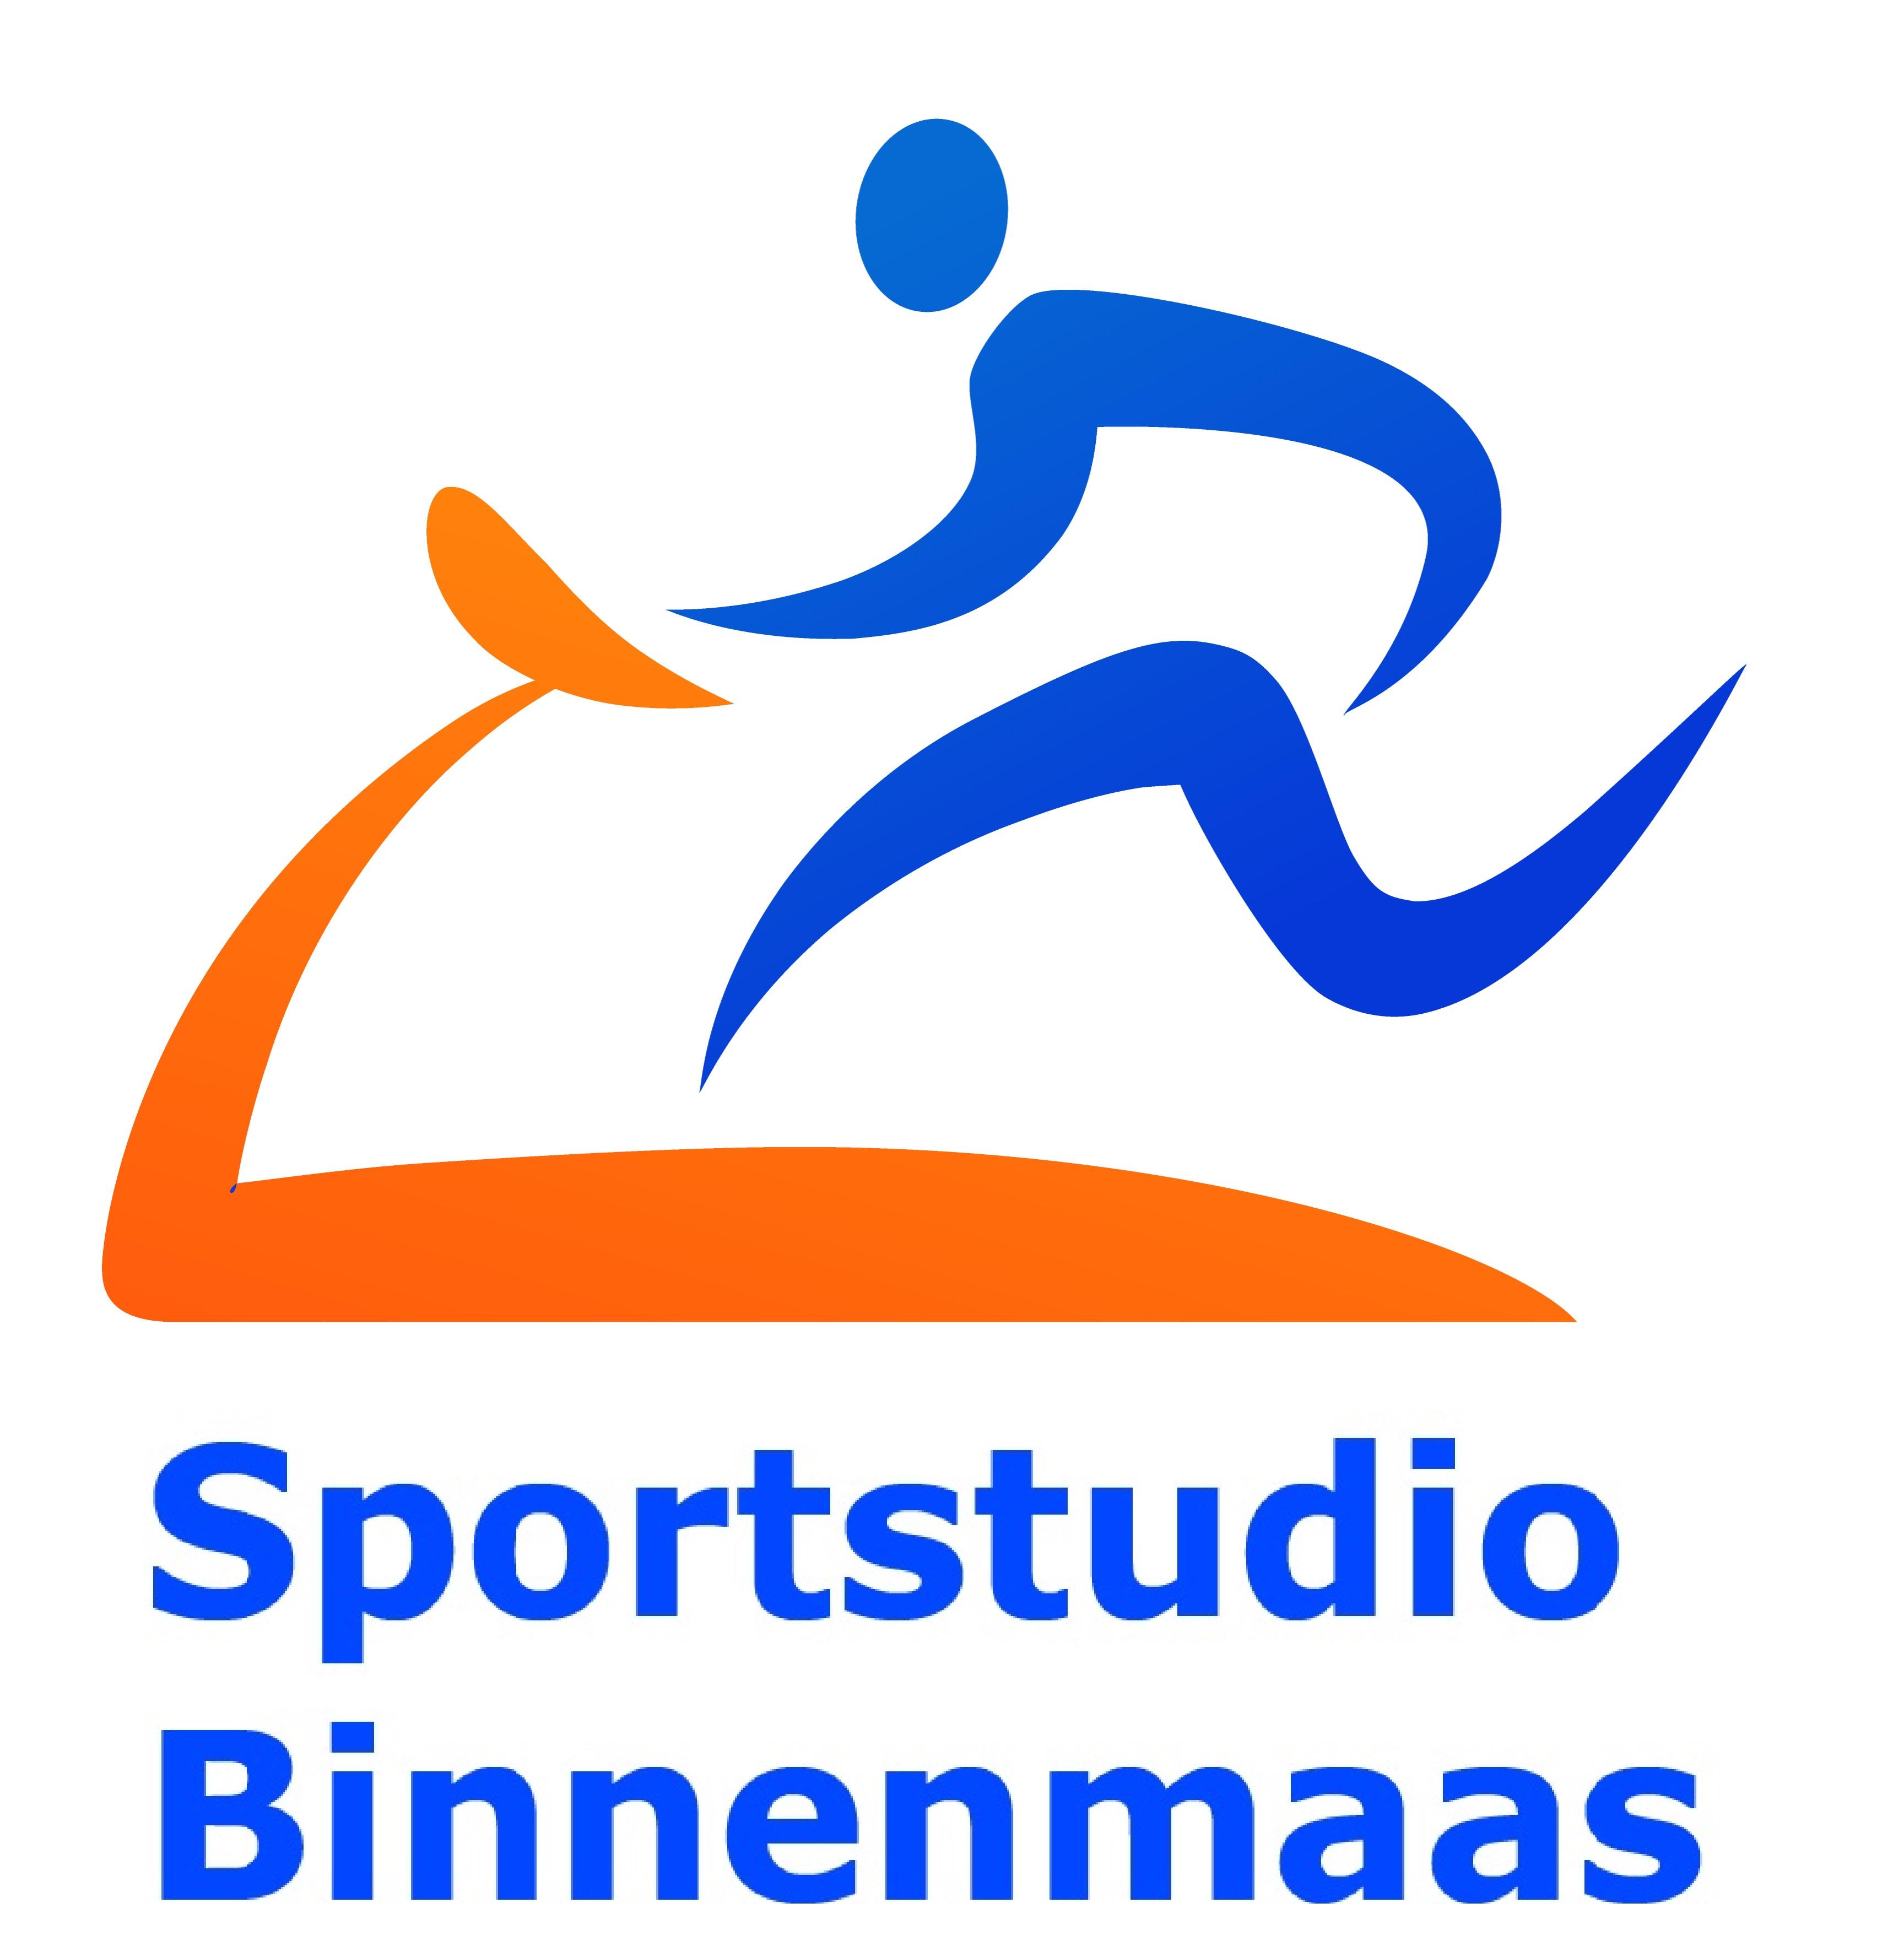 Sportstudio Binnenmaas